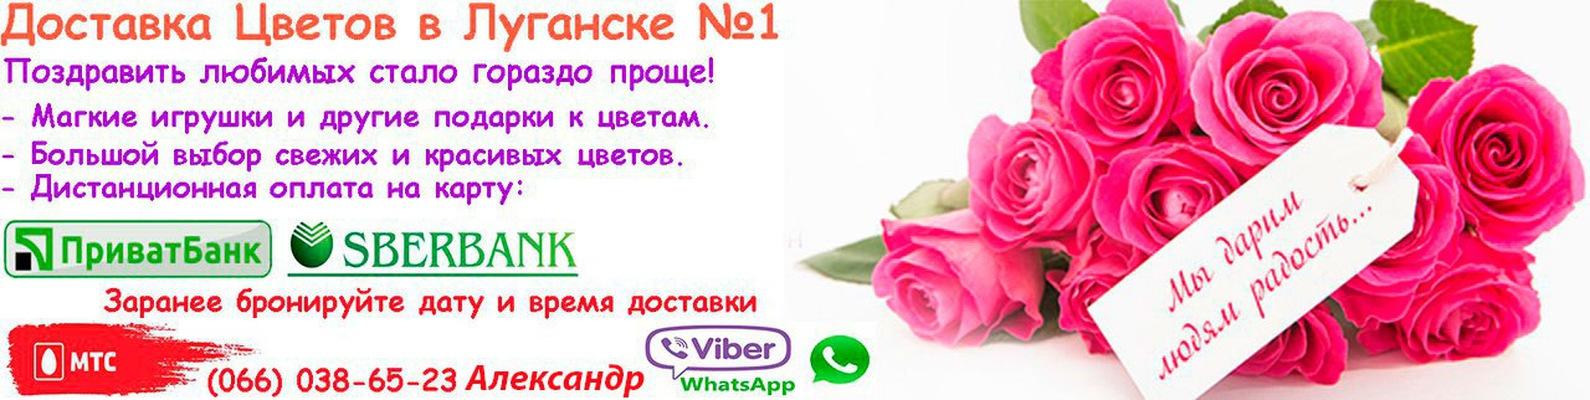 dostavka-tsvetov-schastlivaya-semya-deshevo-tsveti